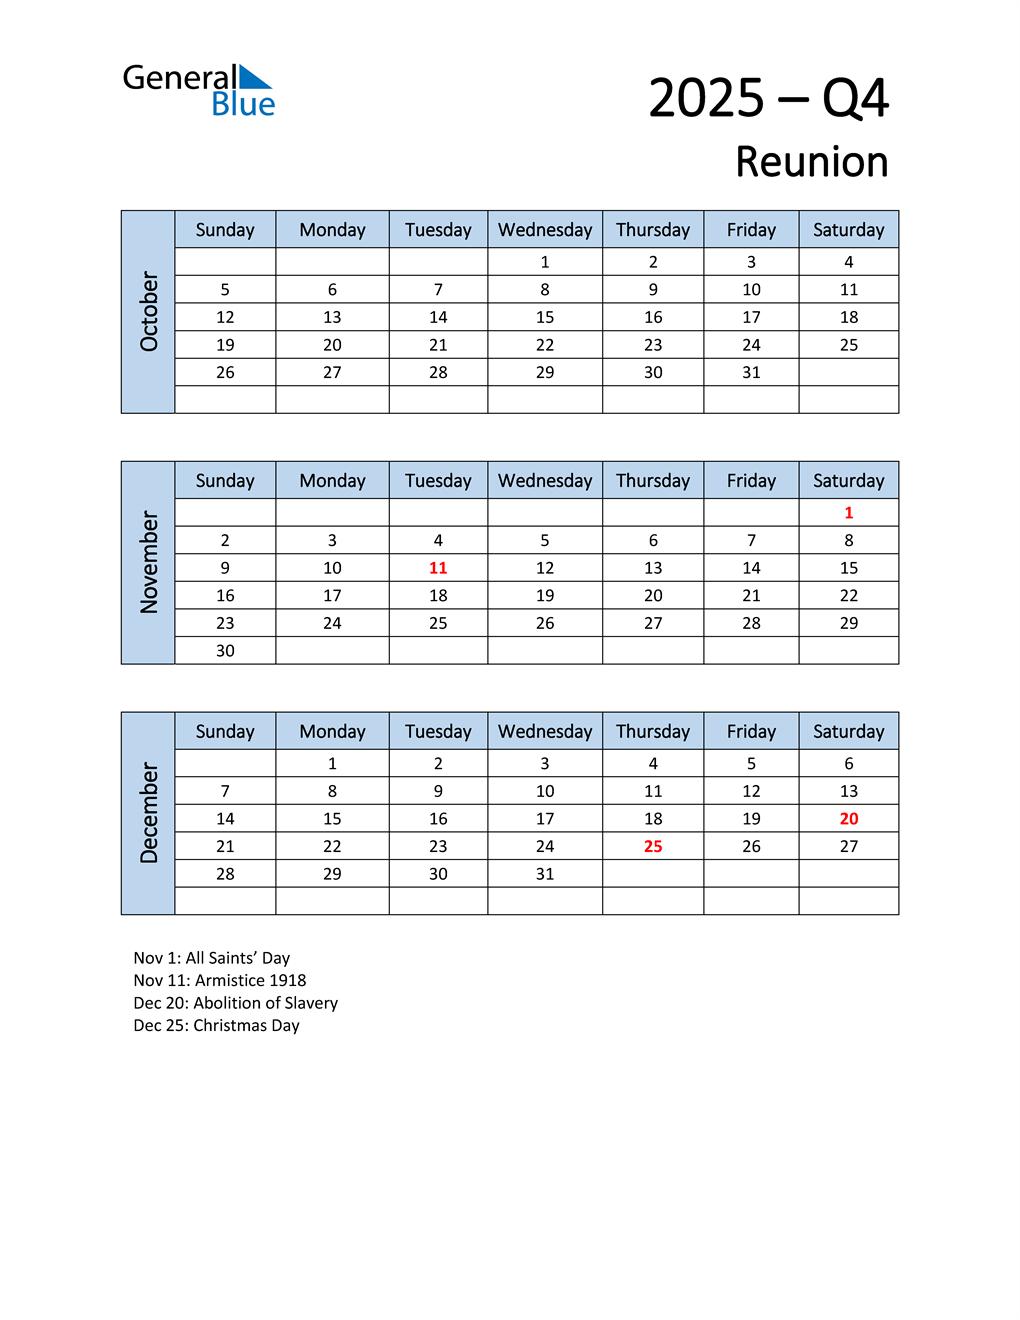 Free Q4 2025 Calendar for Reunion